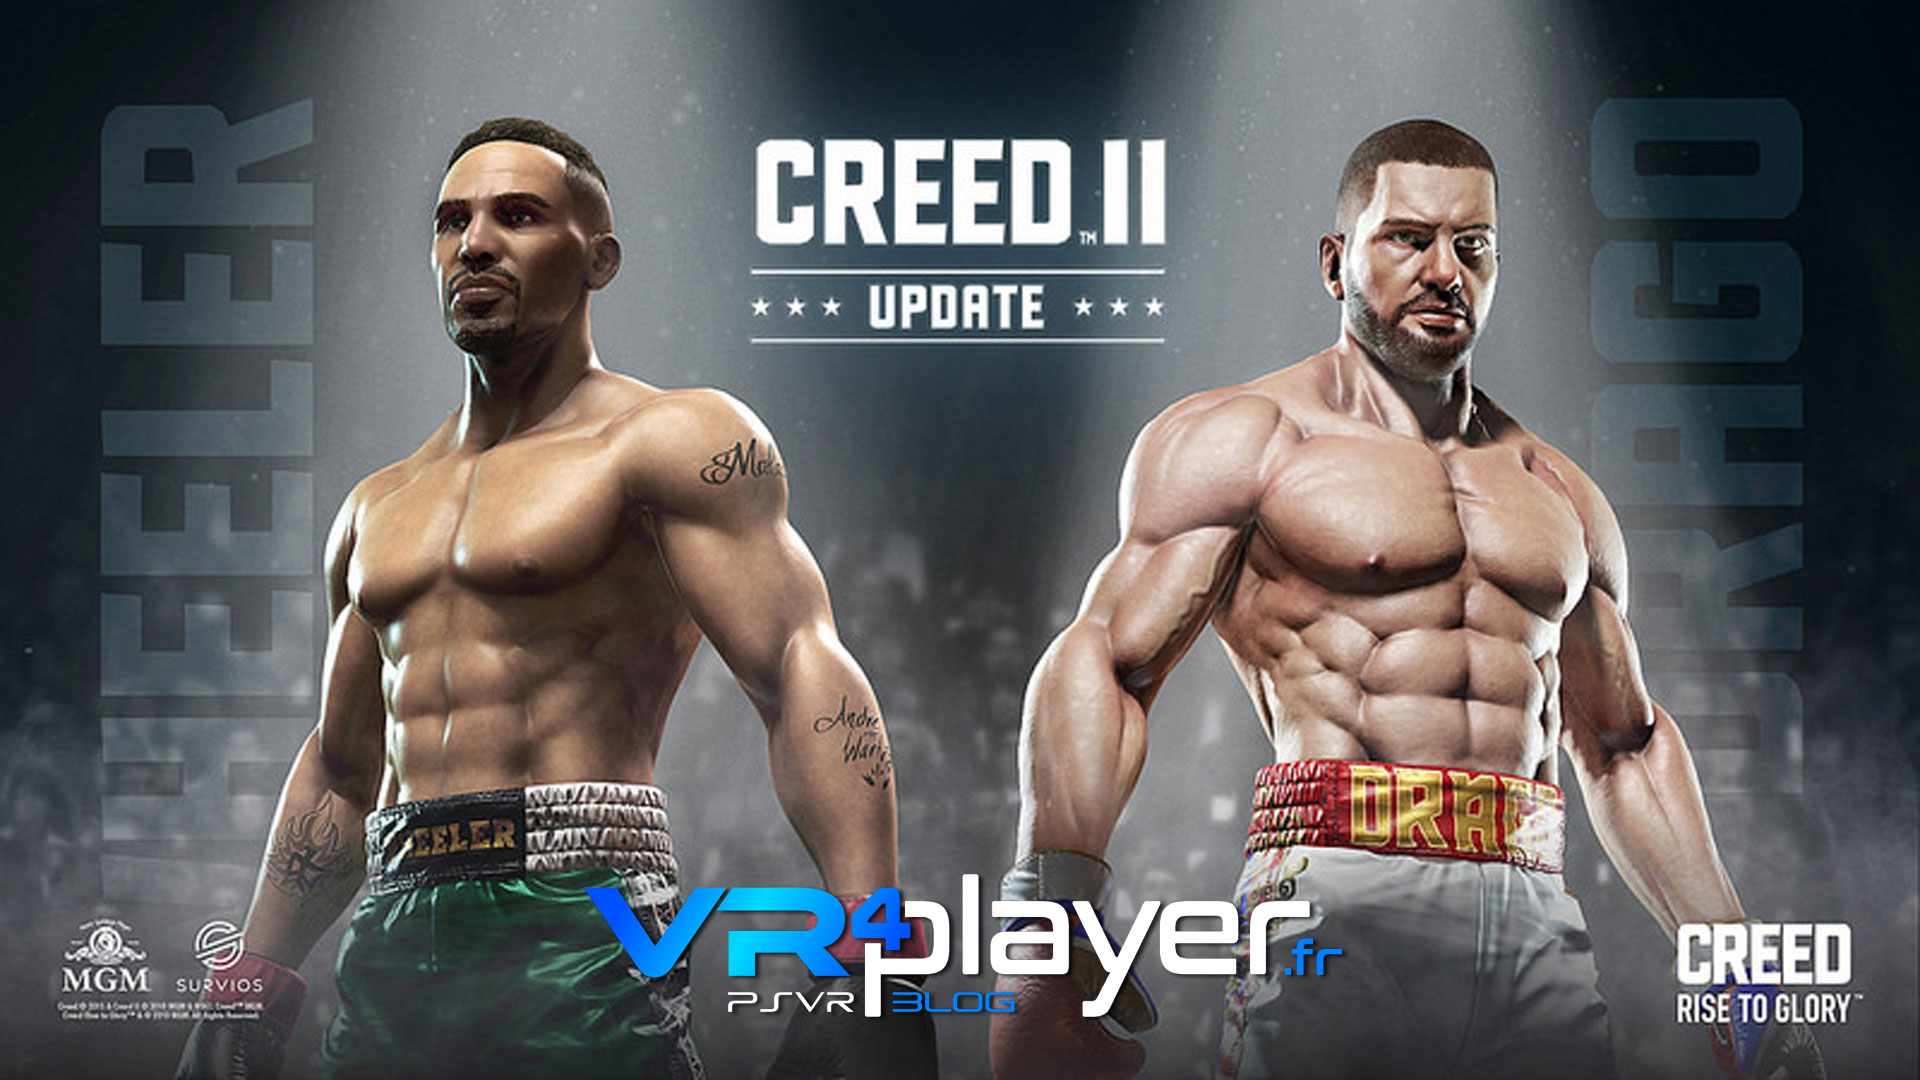 CREED, deux boxeurs gratuits en plus sur PSVR - vr4player.fr